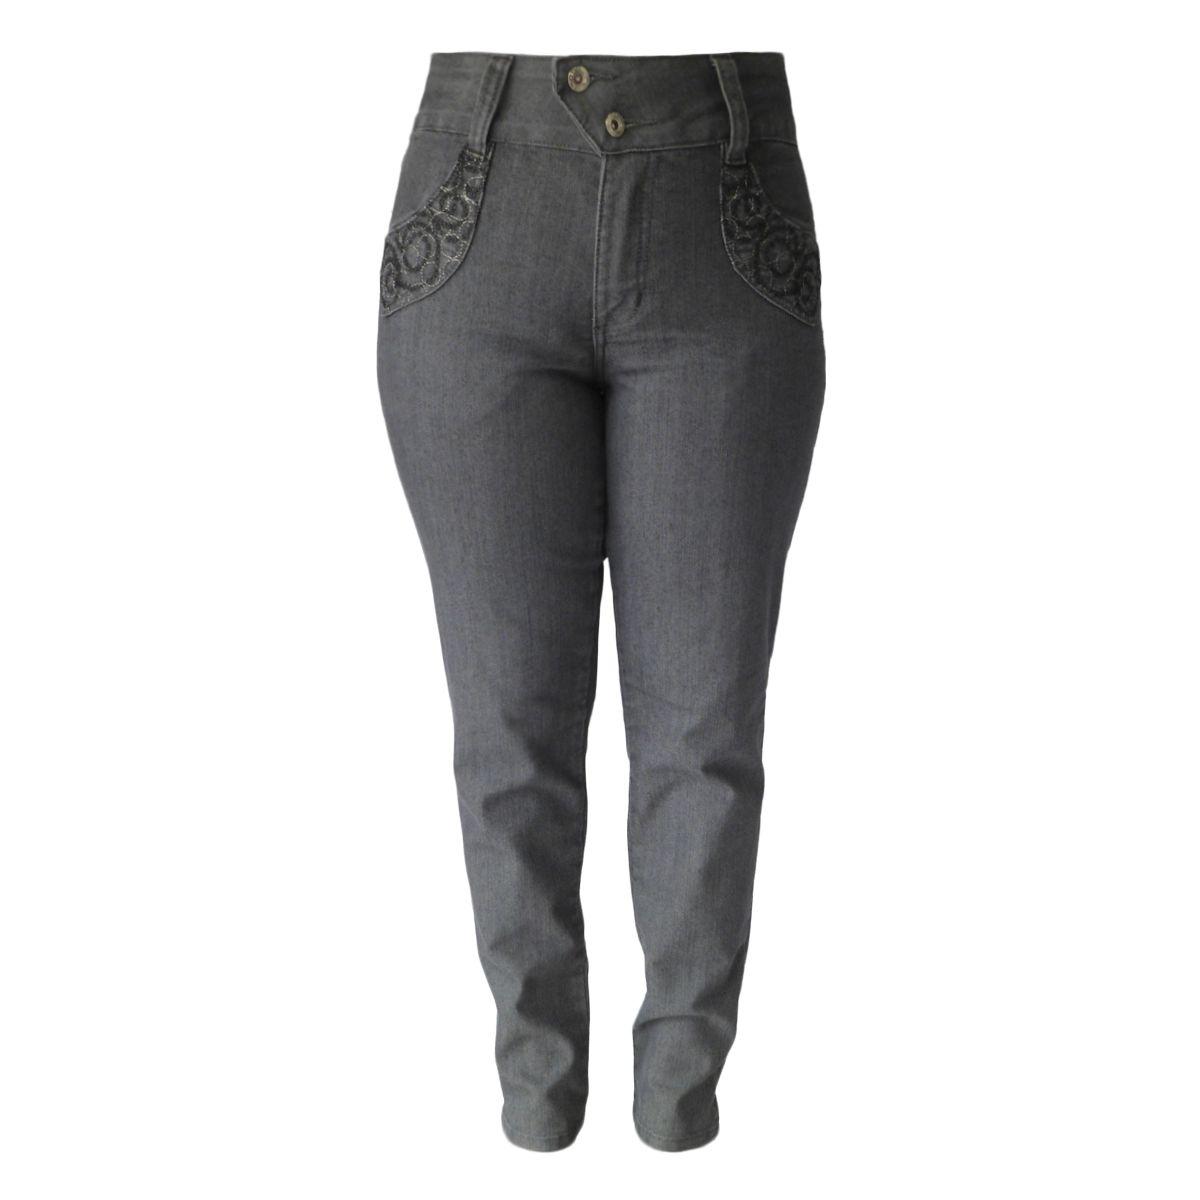 Calça Jeans C/ Detalhe Em Bordado Cintura Alta Tam 36 E 40